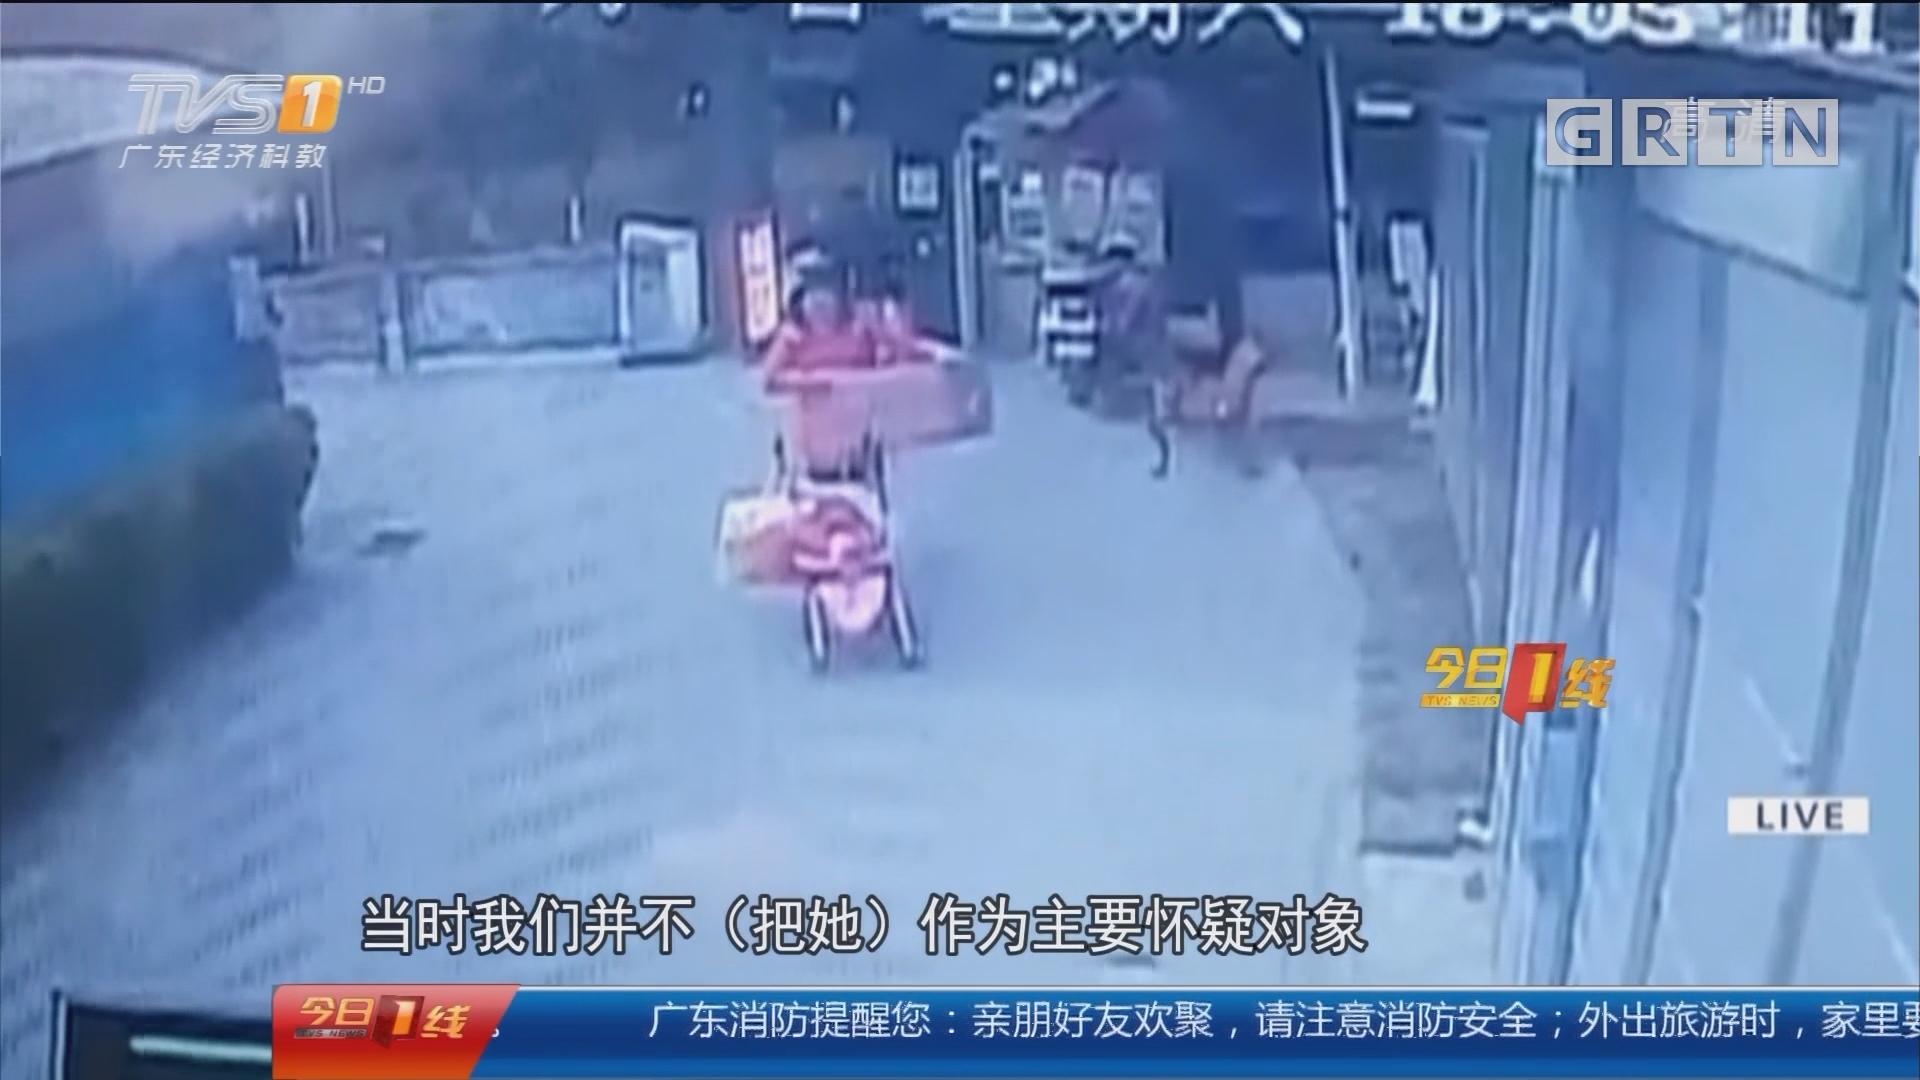 成都:婴儿车做掩护 年轻妈妈狂偷快递